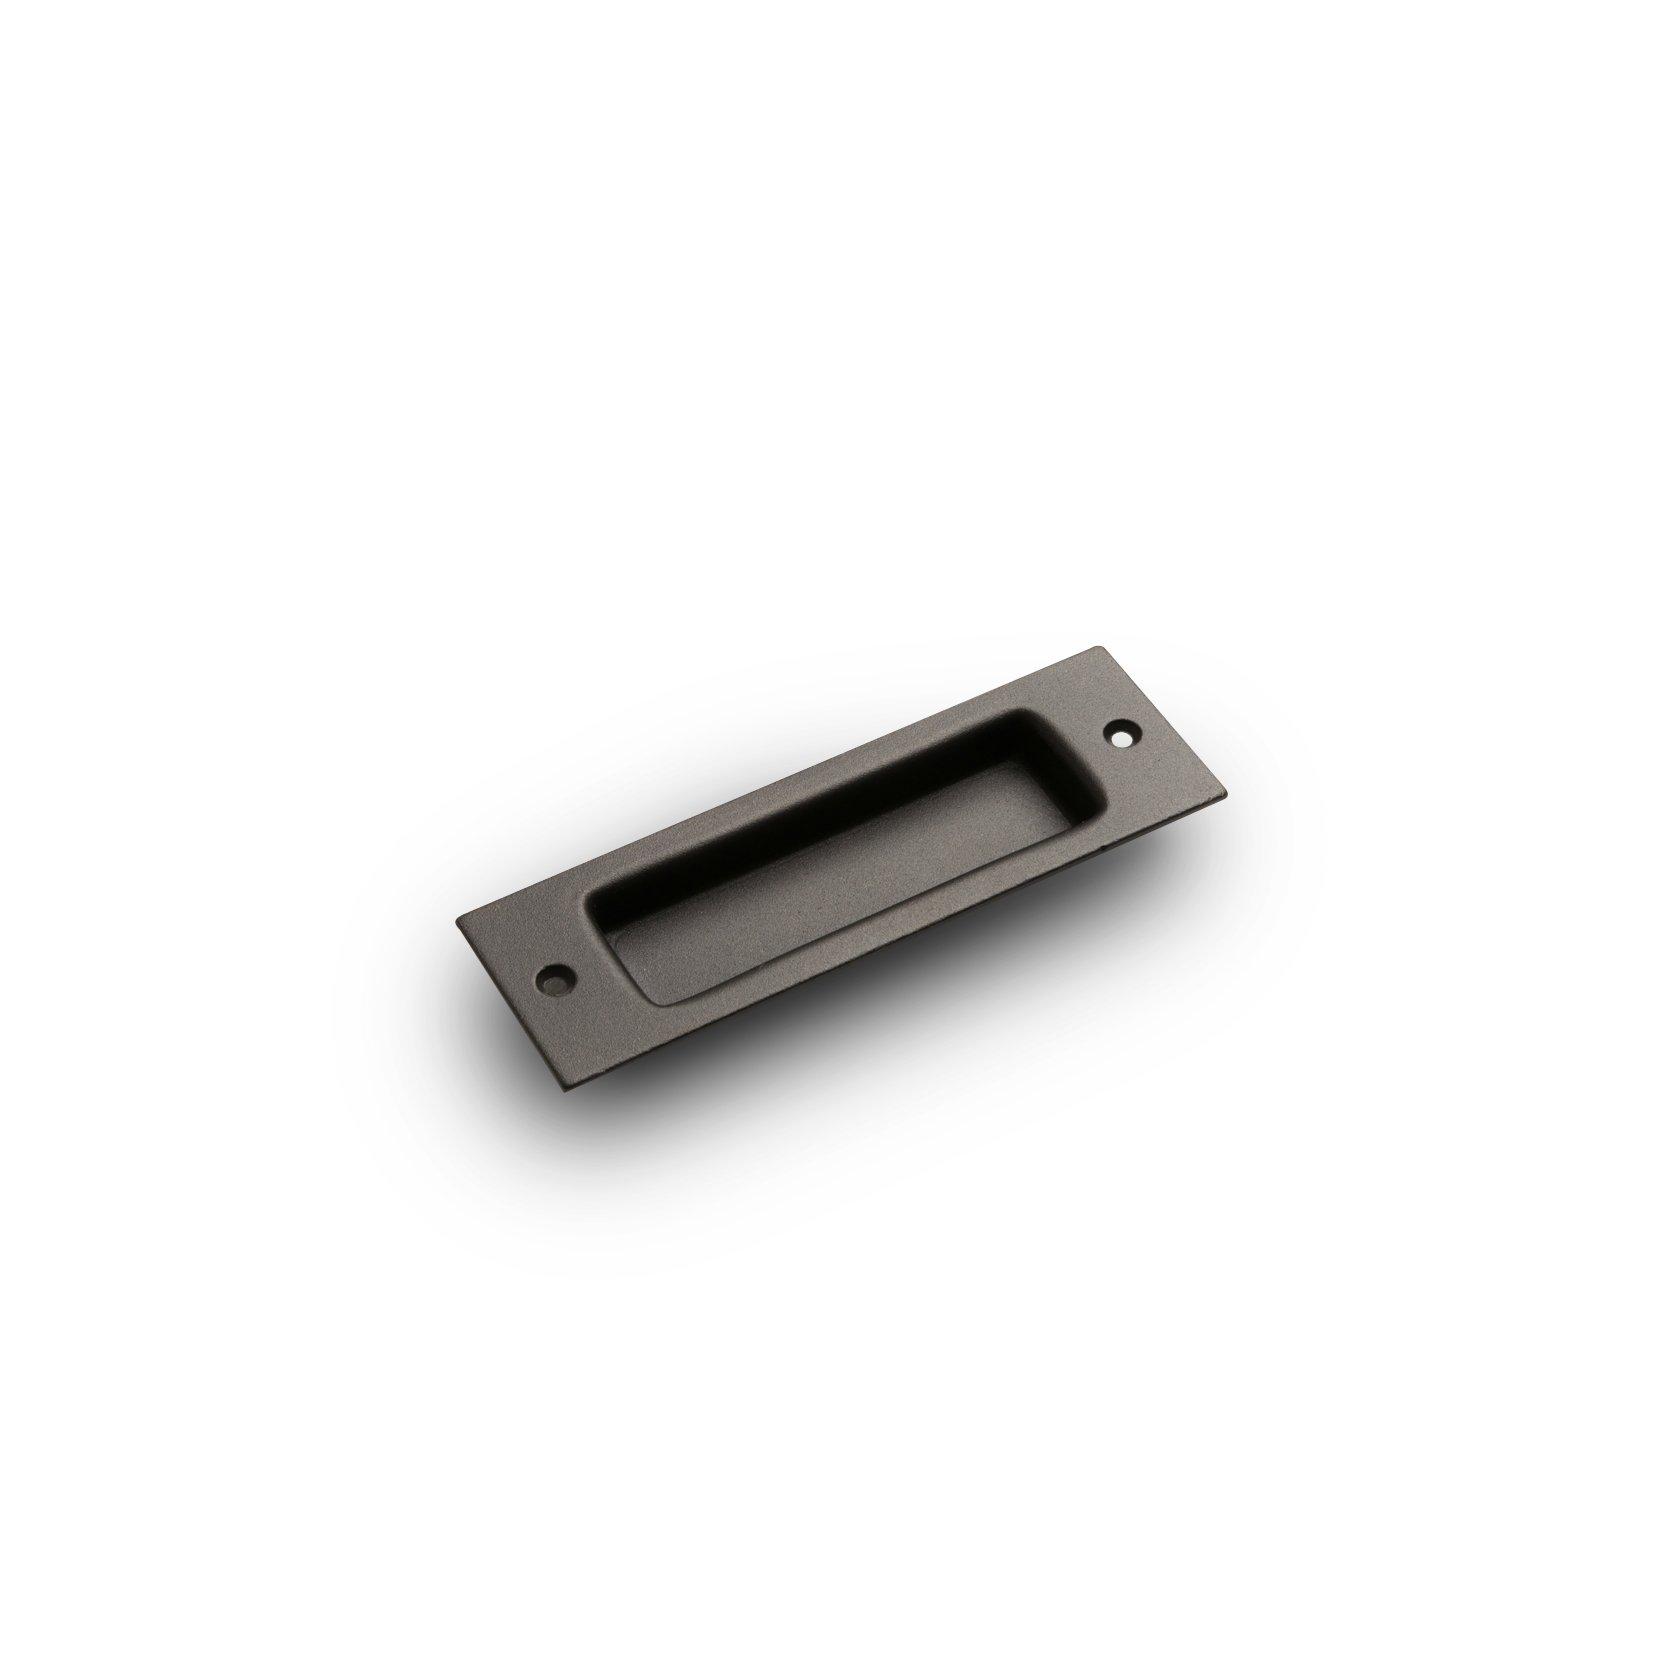 Flush Barn Door Handle Pull Grab for Sliding BarnDoor Hardware Artisan Hardware (Oil Rubbed Bronze)